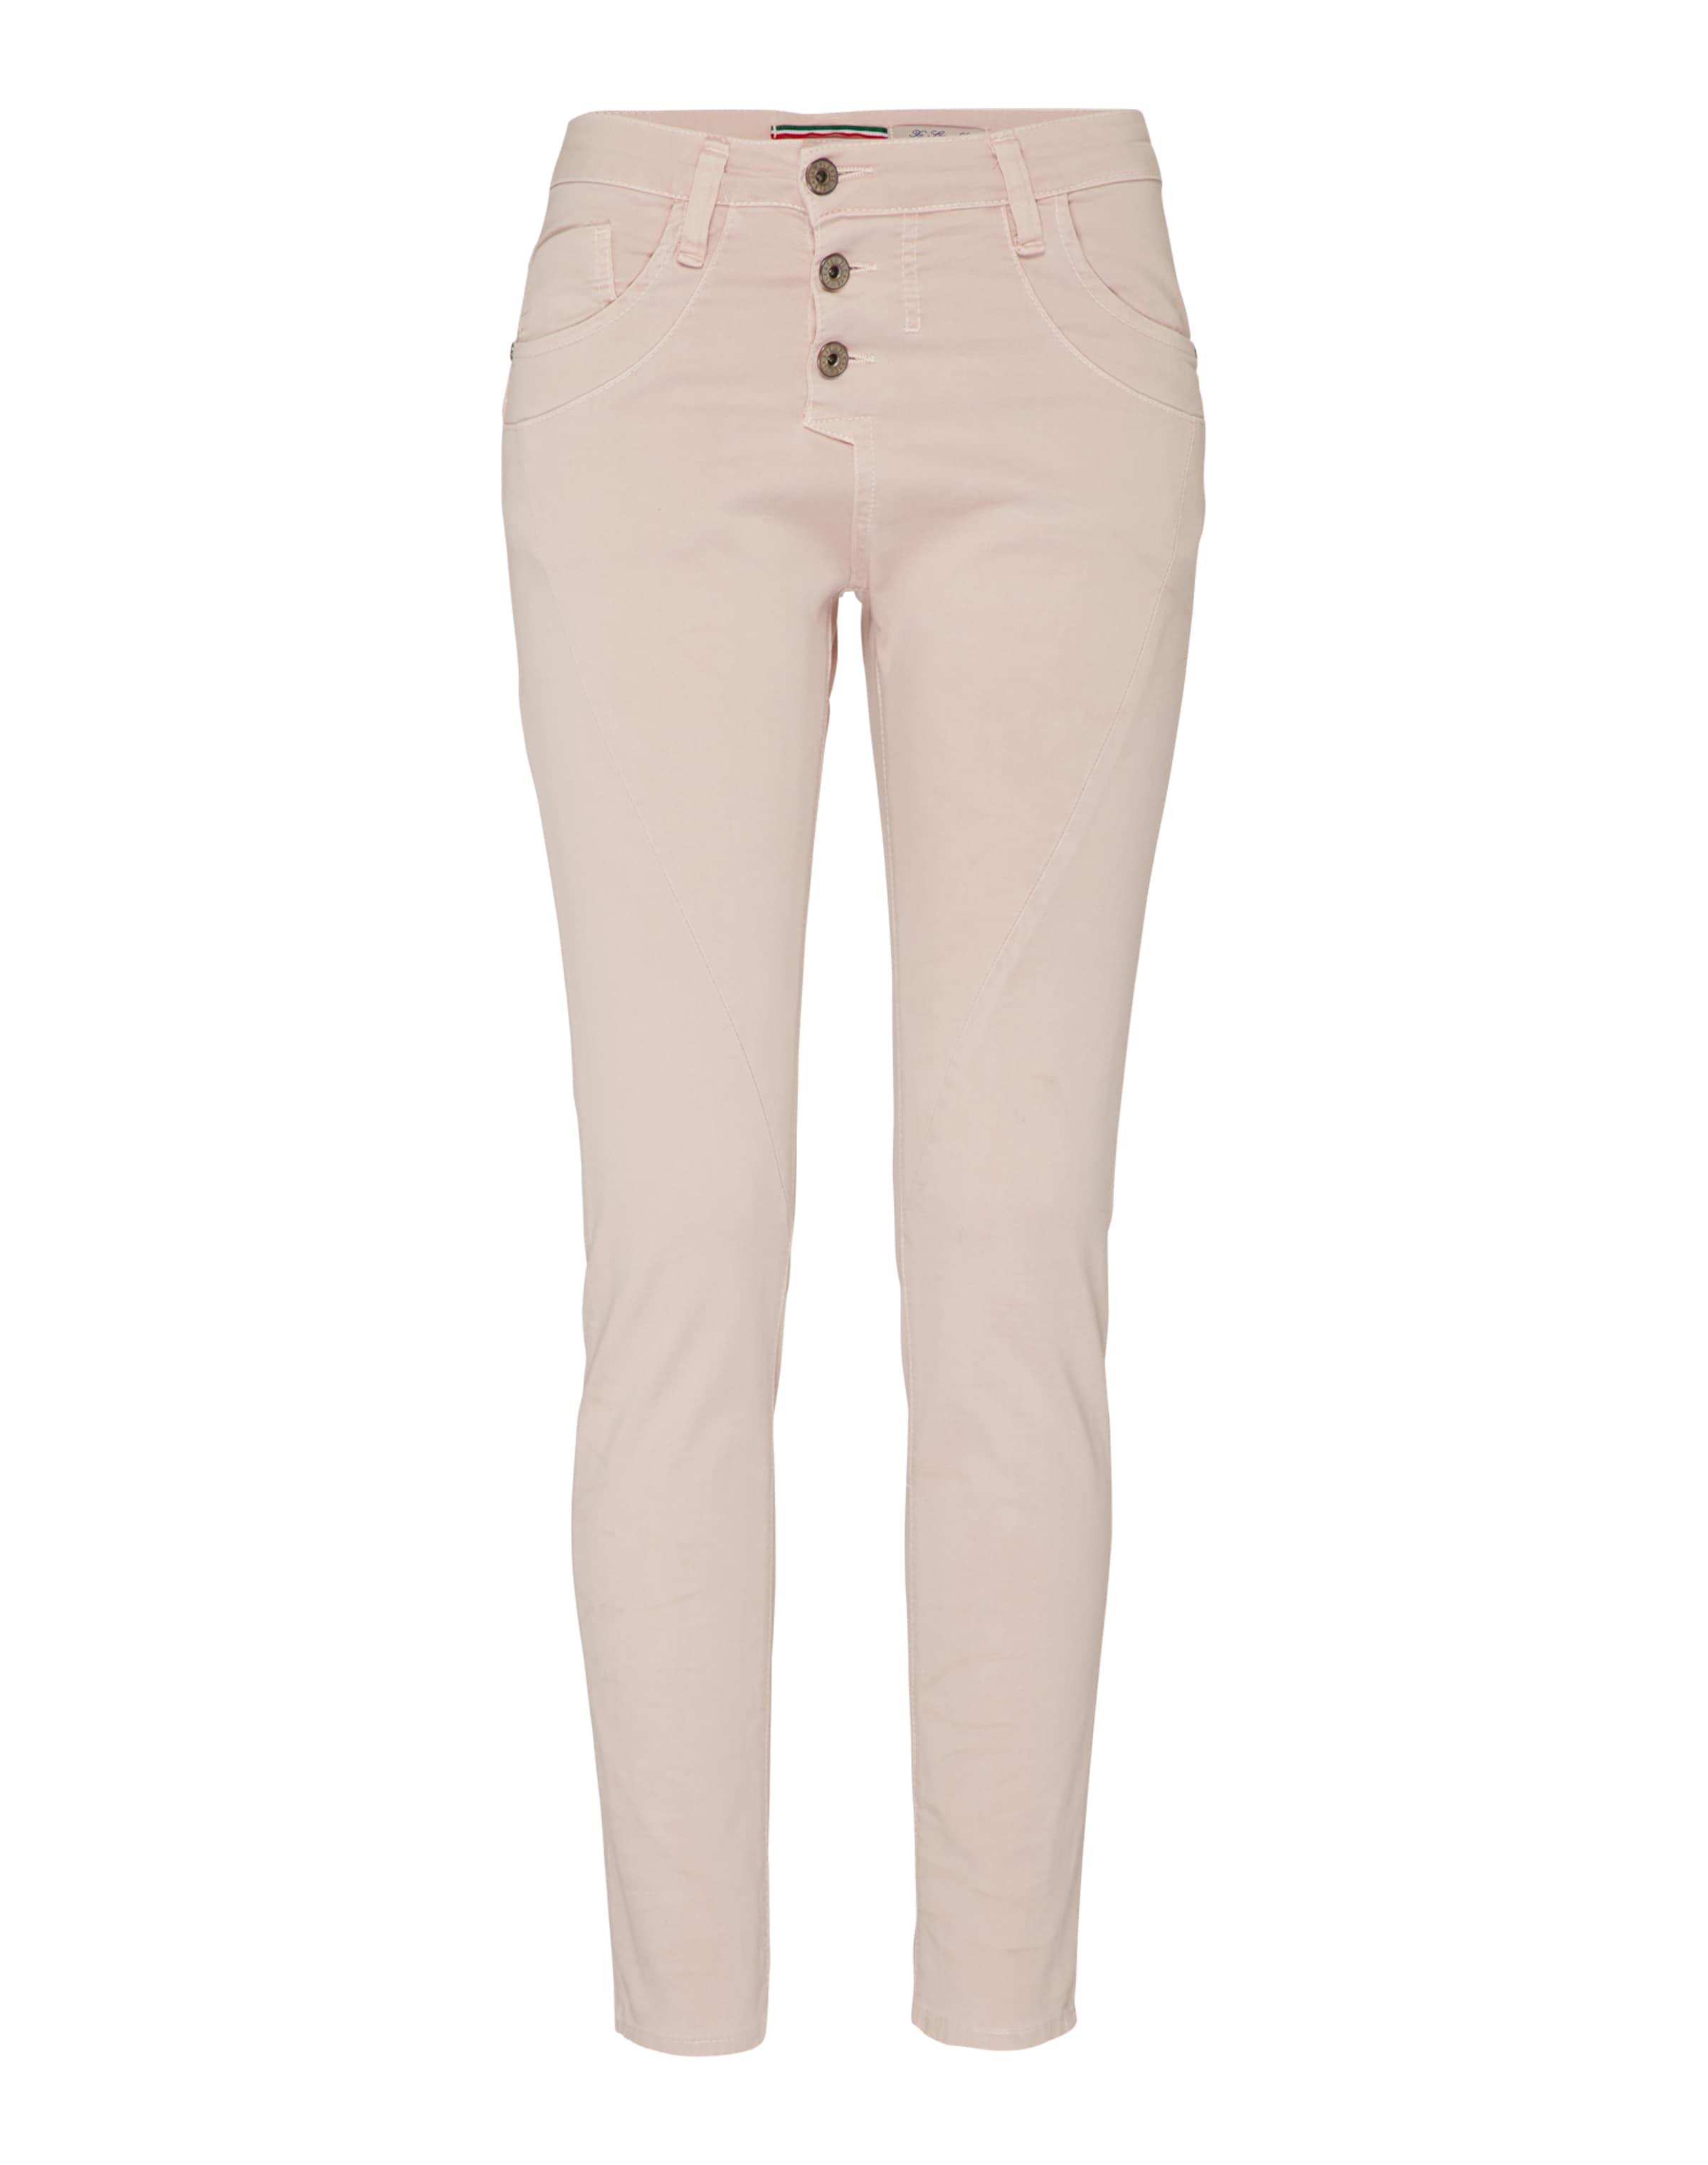 PLEASE 'Boyfriend' Hose in Jeans-Optik Outlet Großer Verkauf Verkauf Besten Verkaufs  Limited Edition Online Spielraum Bester Ort f63Kr